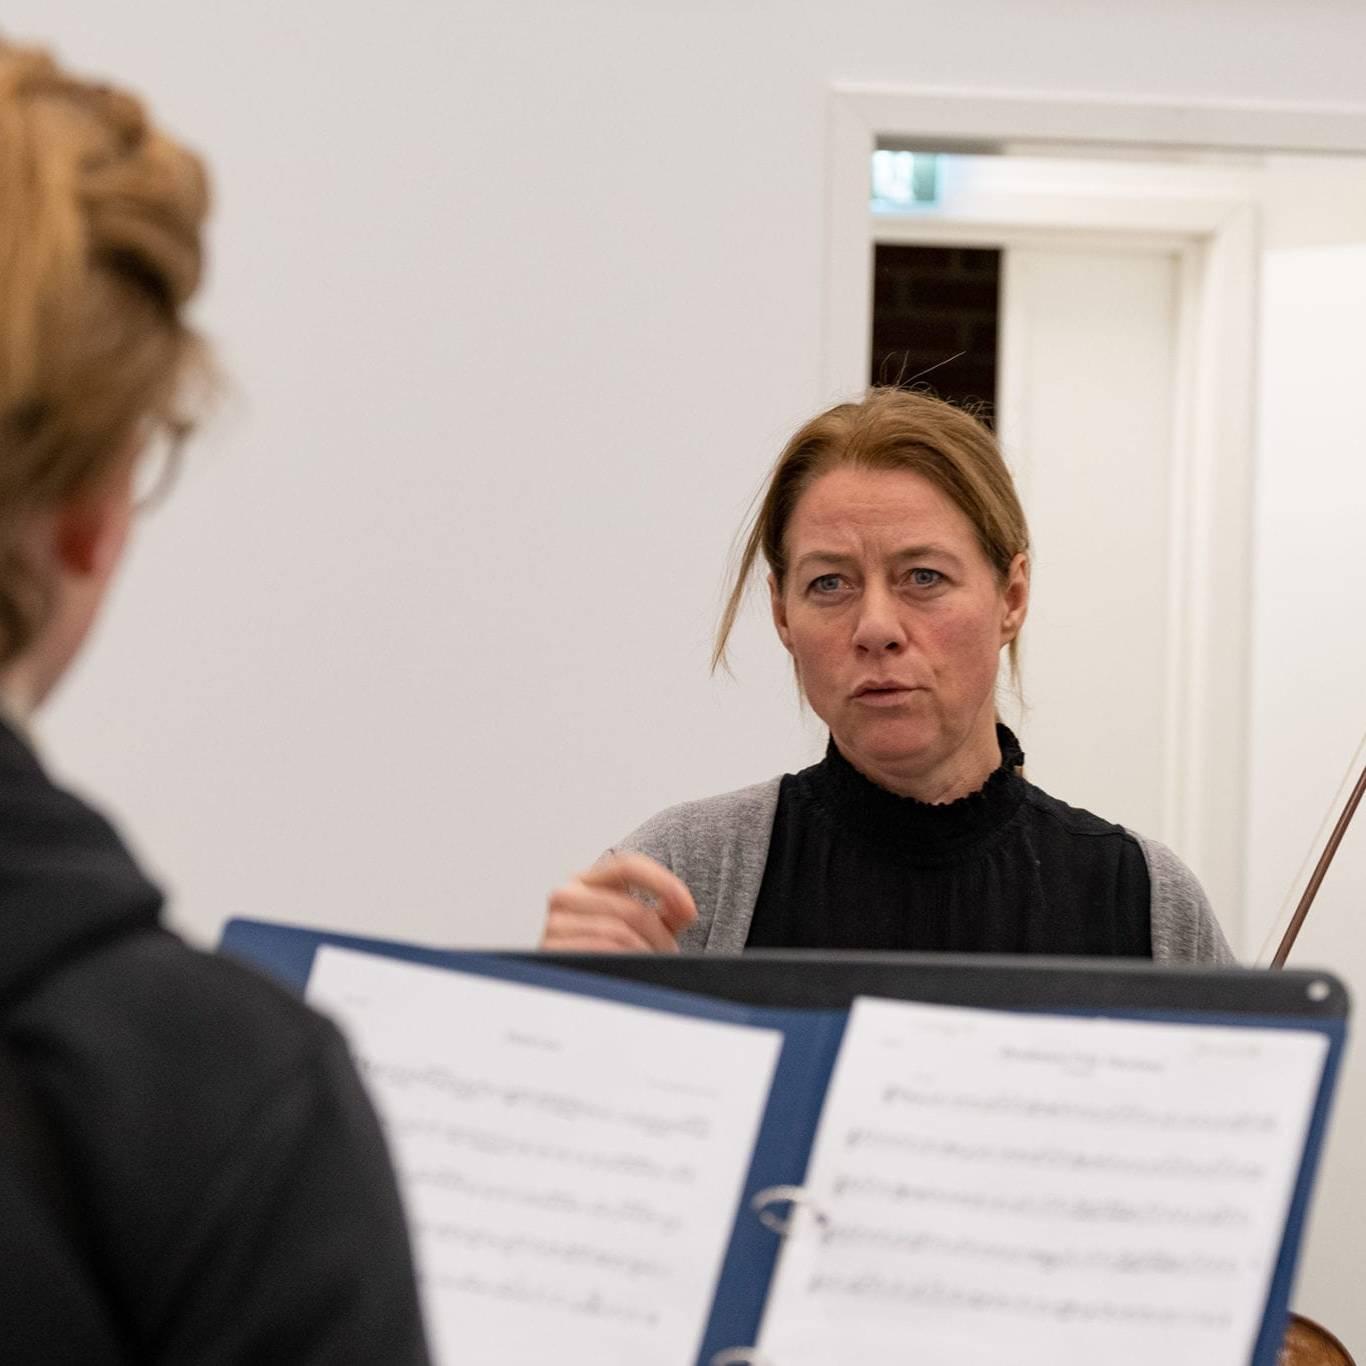 Berit gjør ikke forskjell på folk, hun er alltid nysgjerrig og ser alltid etter det beste i dem hun jobber med. Derfor blir prosjektene hennes morsomme og engasjerende. Det sier kunstnerisk leder i Vinterfestspill i Bergstaden. Foto: Trine Lysholm Hagan.